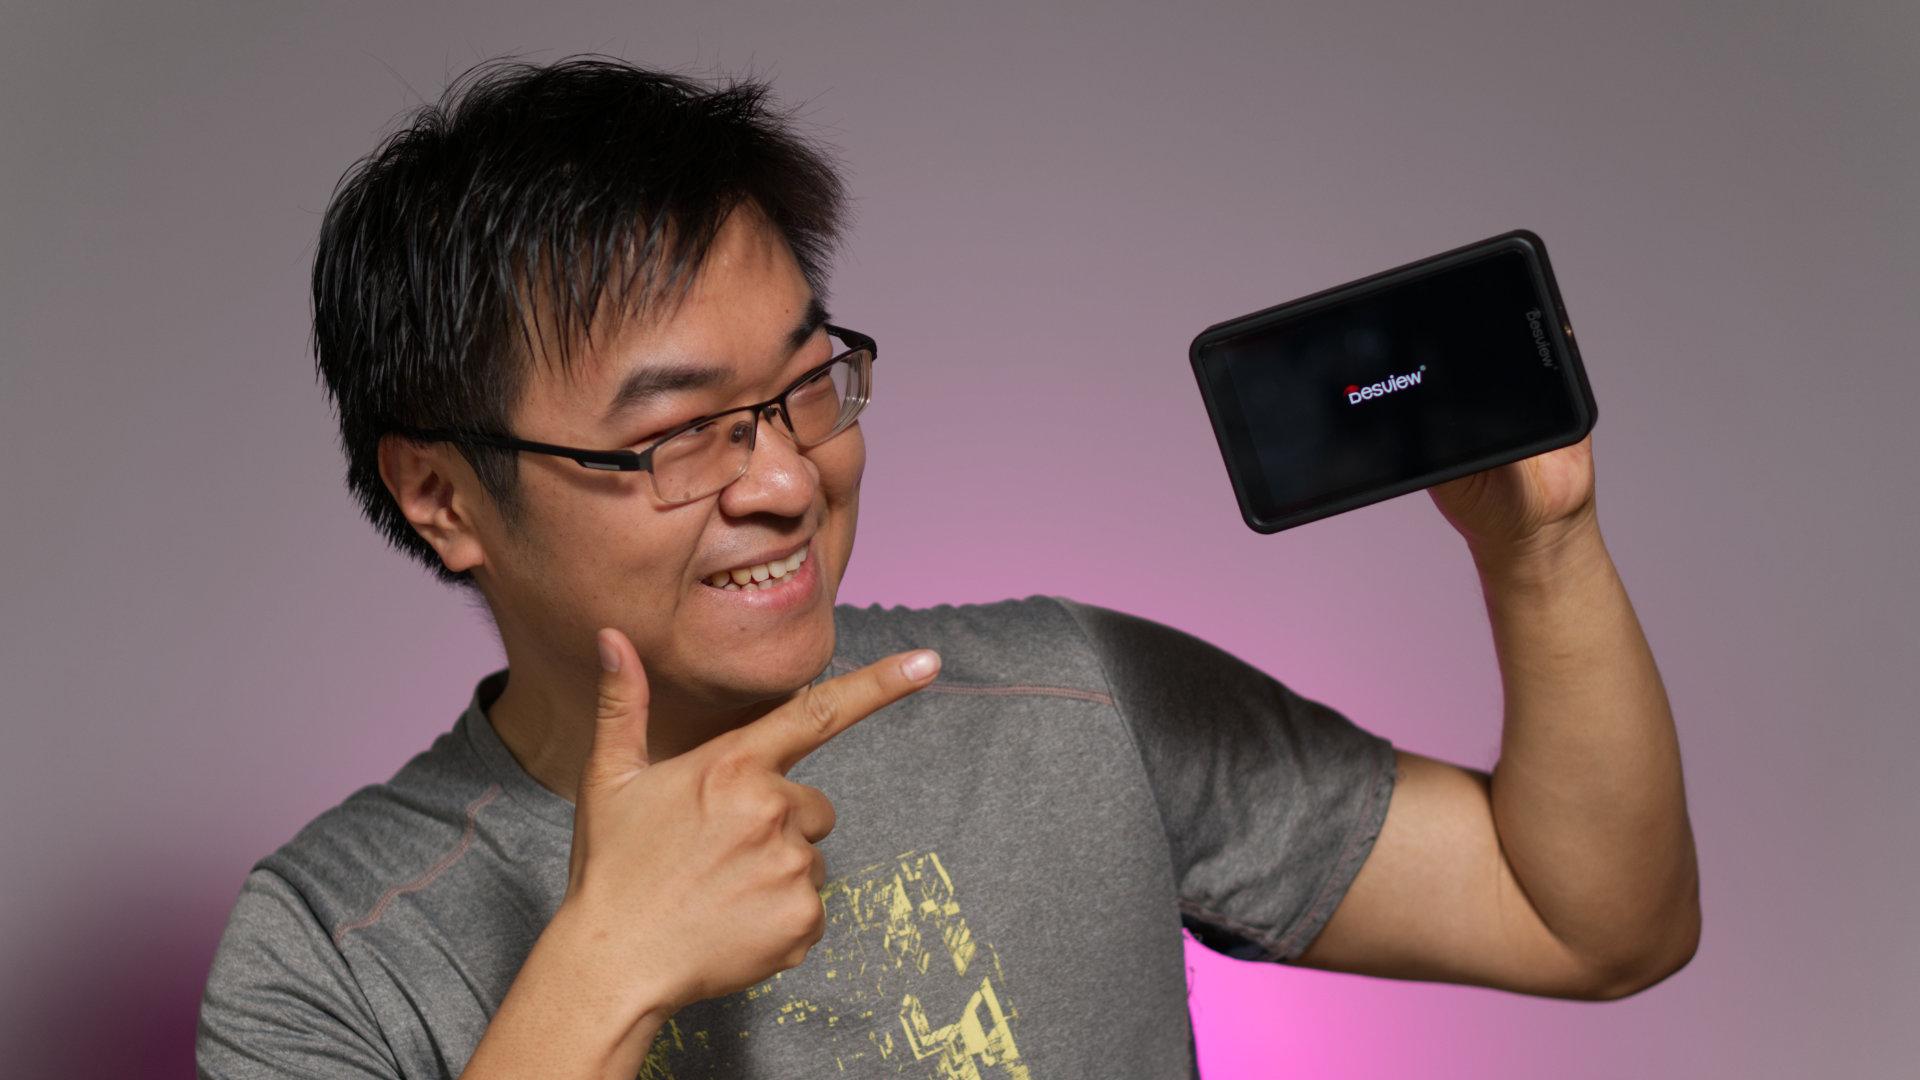 视频拍摄三武器 百视悦R5监视器使用体验分享 @Sofronio